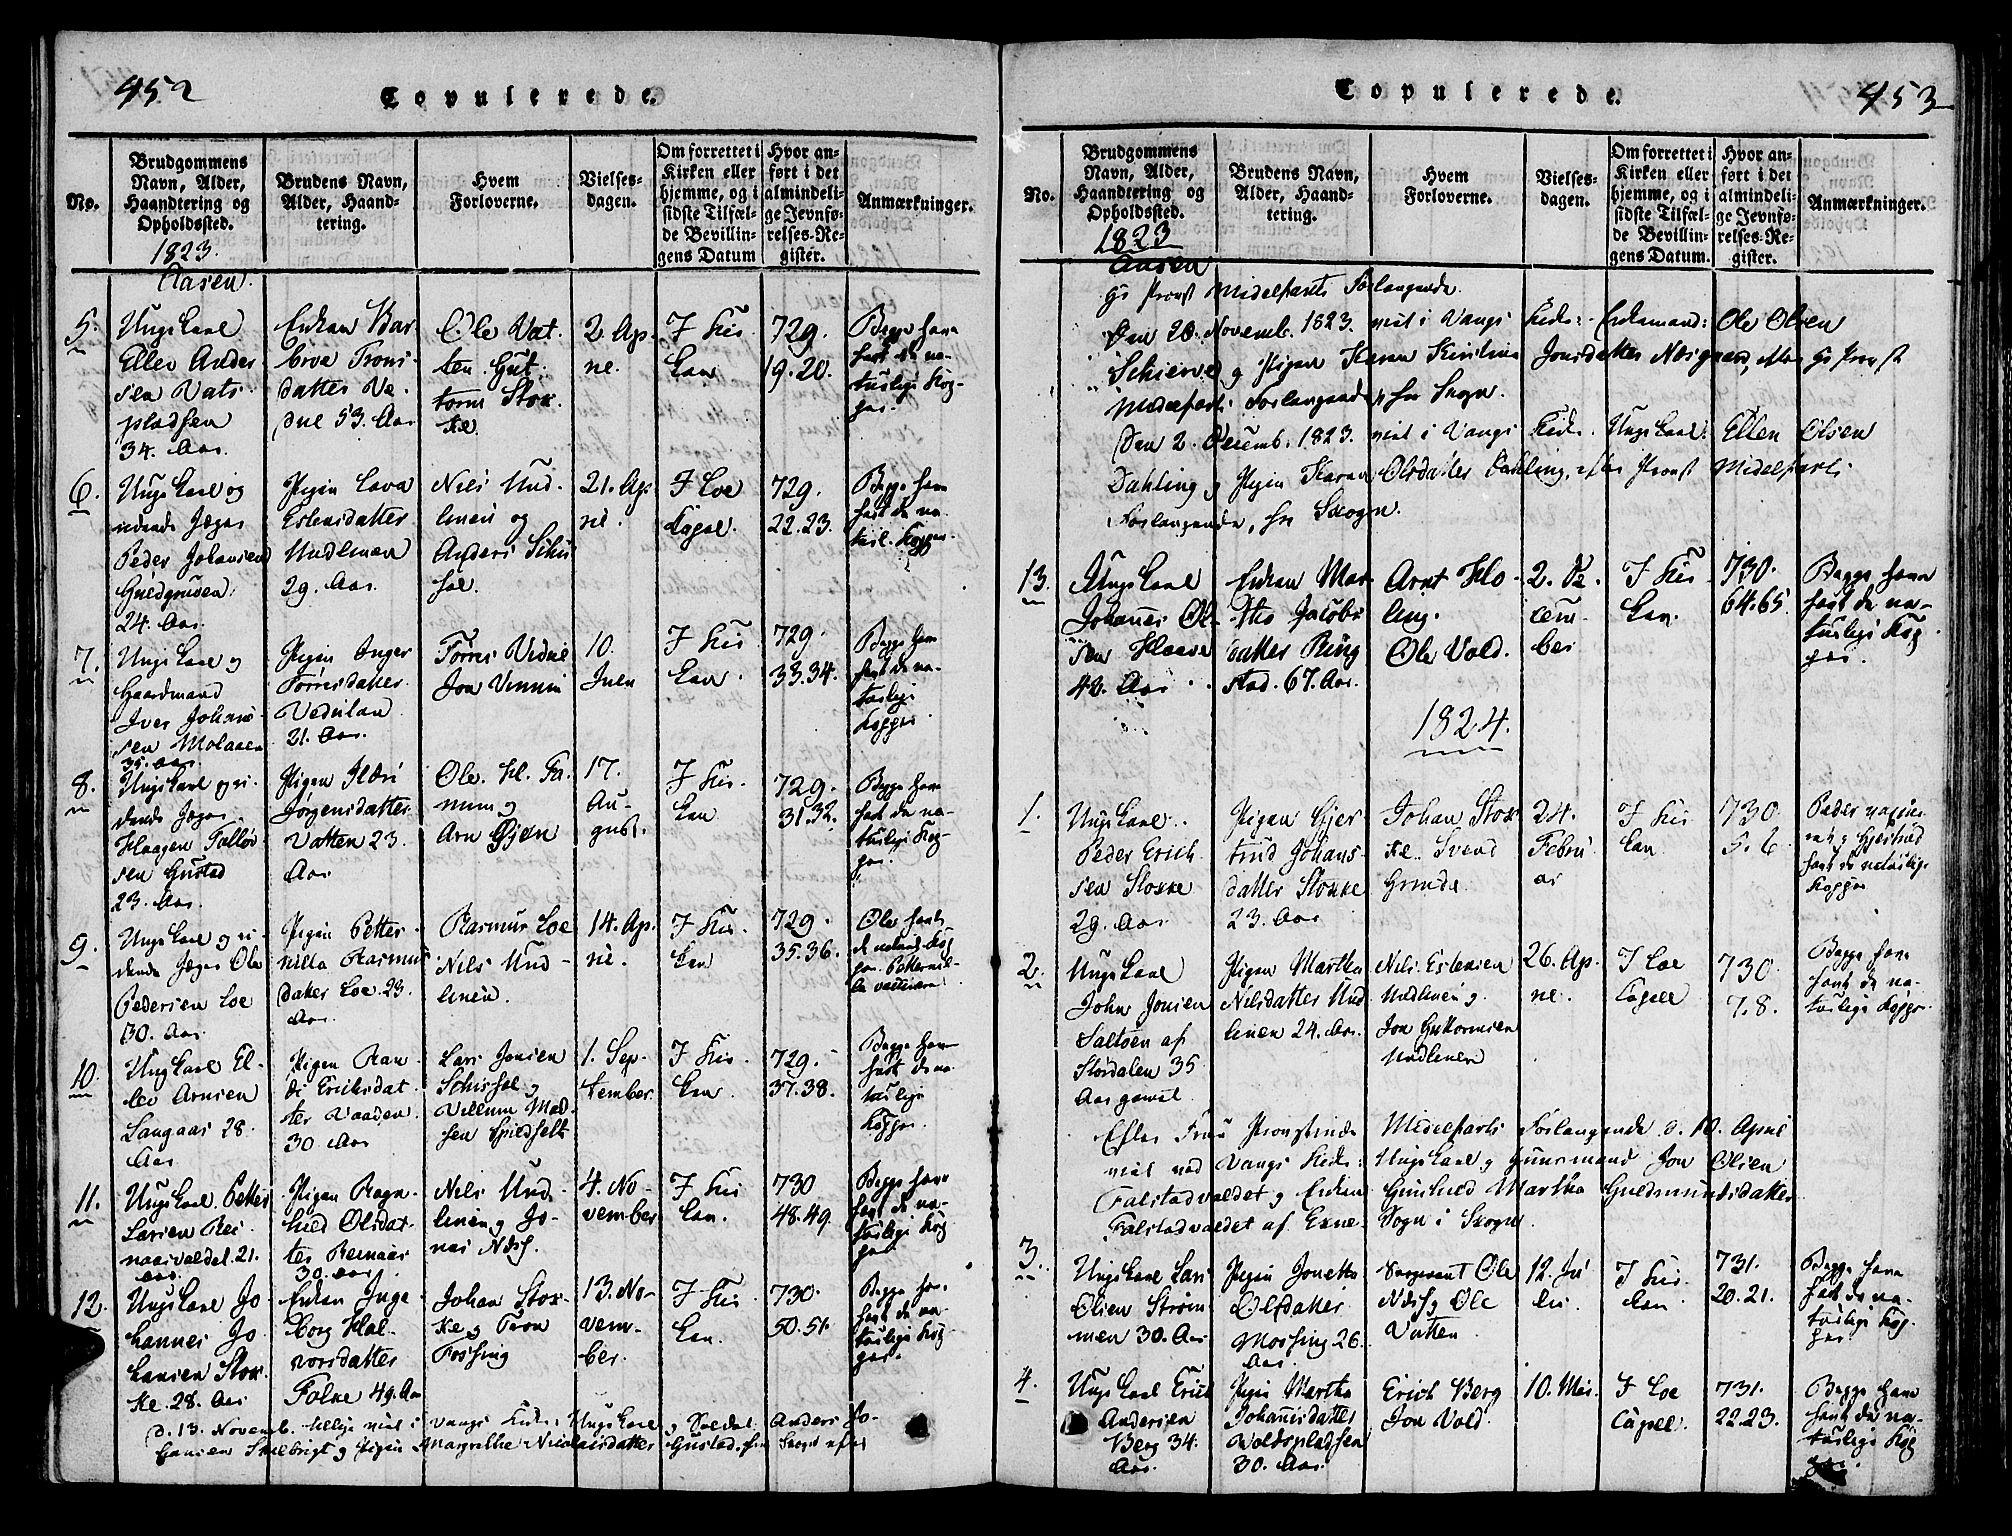 SAT, Ministerialprotokoller, klokkerbøker og fødselsregistre - Nord-Trøndelag, 713/L0112: Ministerialbok nr. 713A04 /2, 1817-1827, s. 452-453